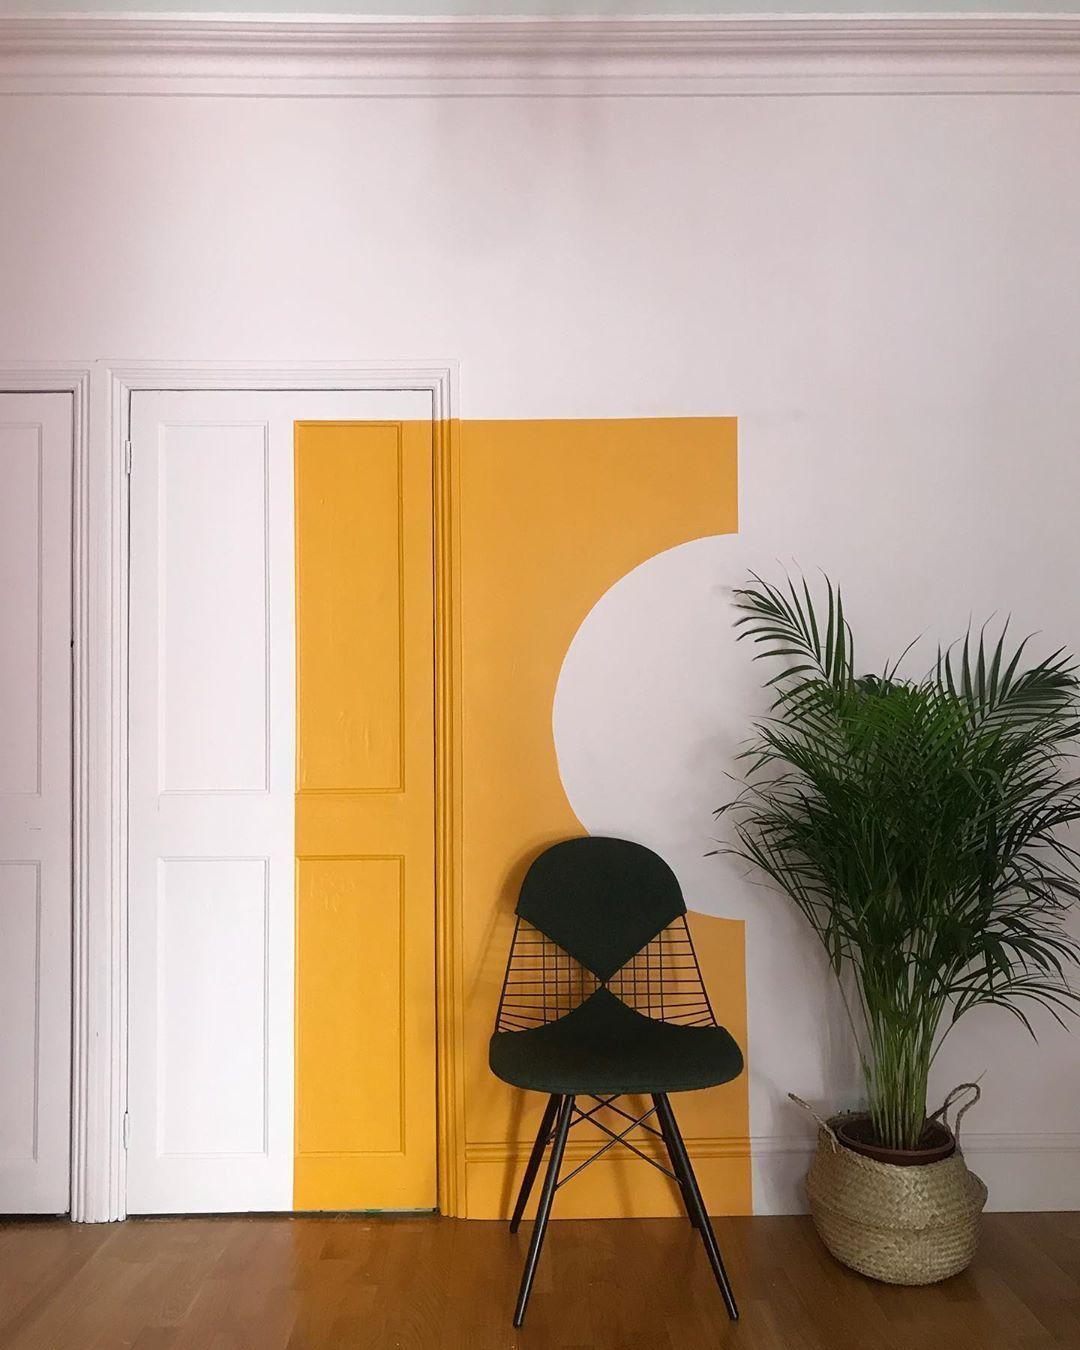 Décoration porte : idées DIY avec peinture, papier peint, pour la relooker